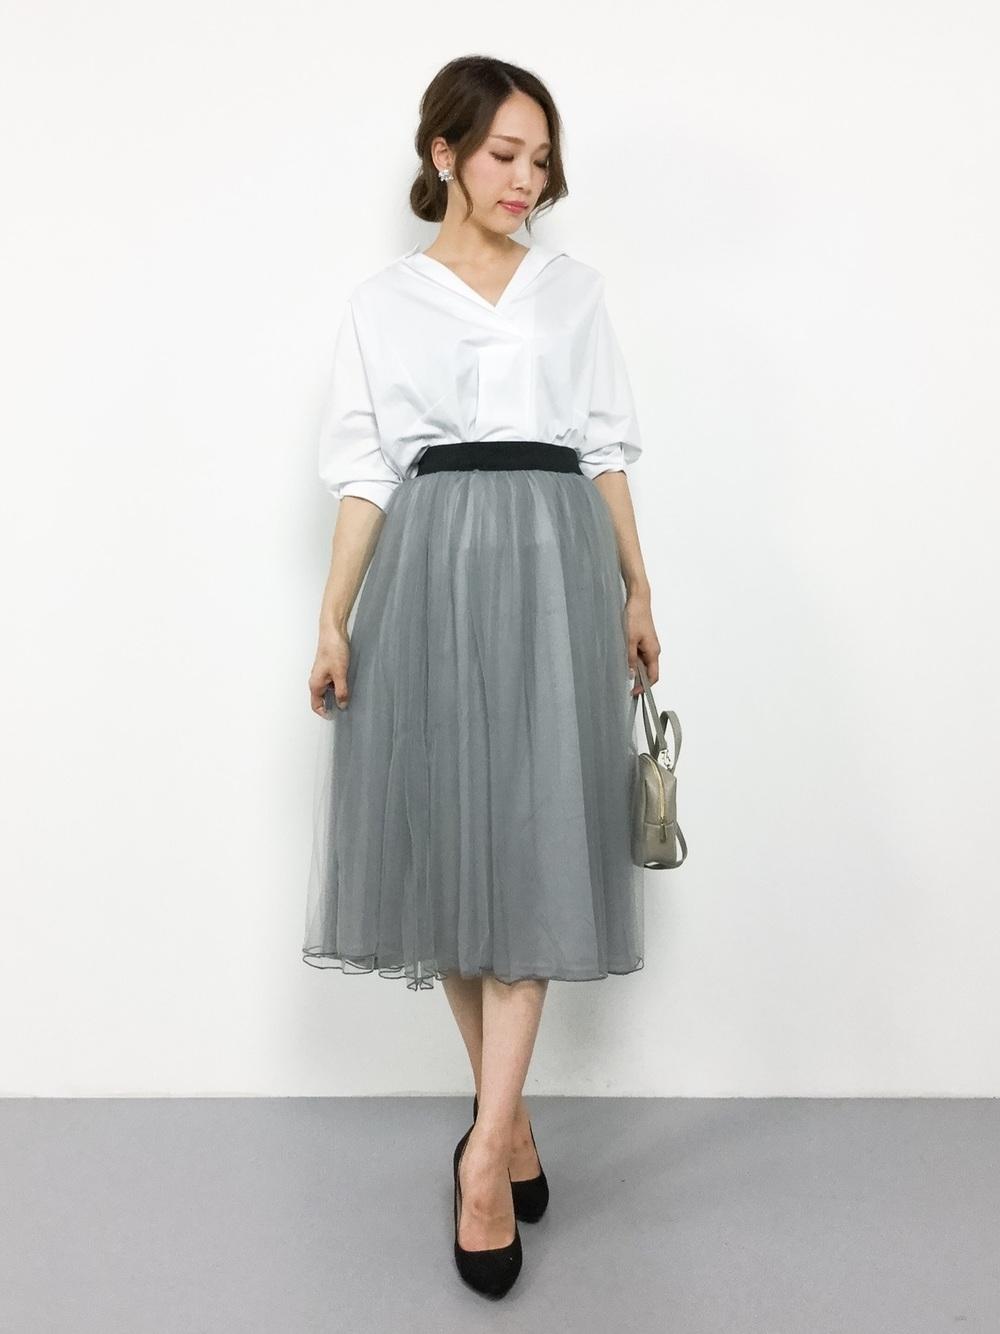 白シャツ×グレーチュールスカート